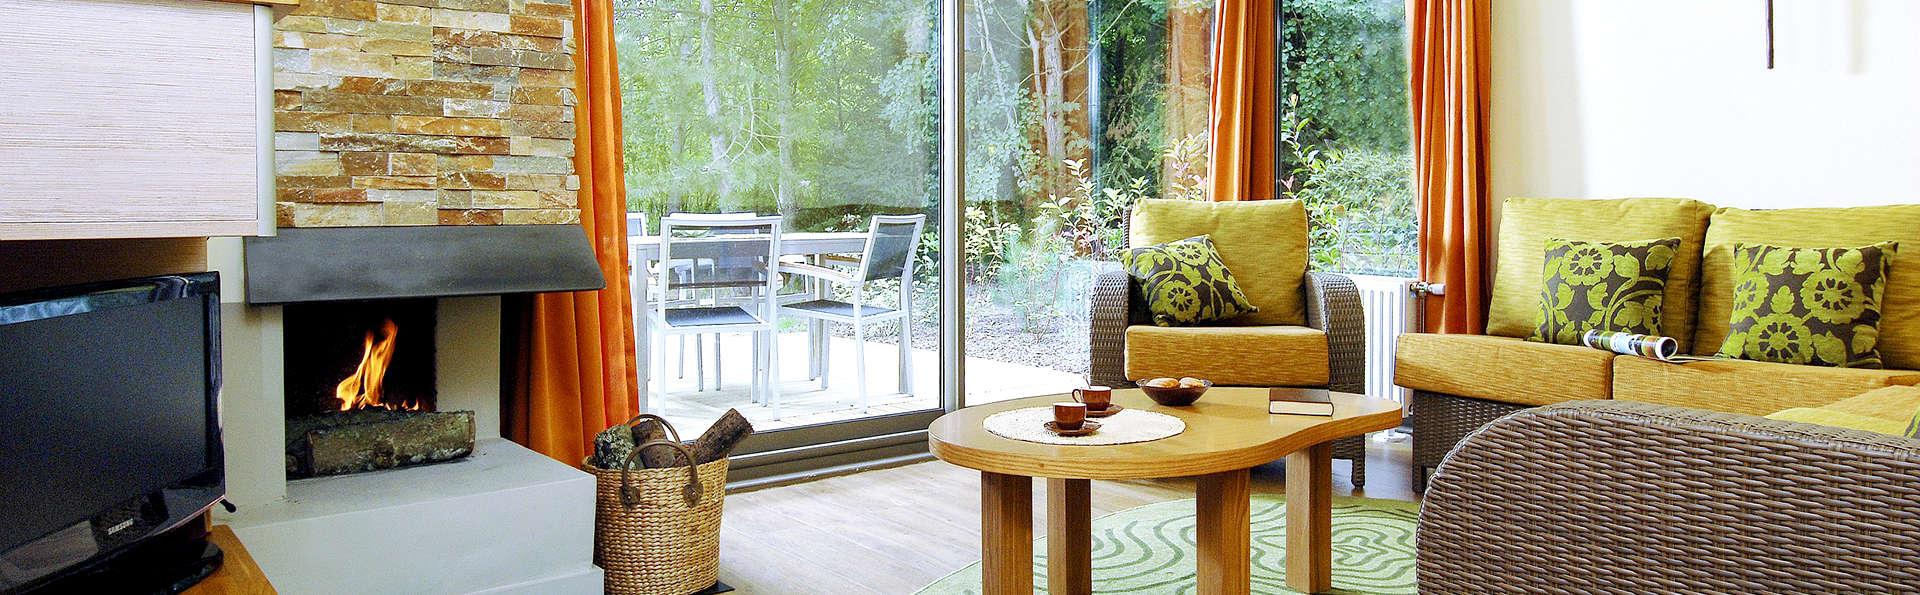 Week-end en cottage premium jusqu'à 4 personnes au Center Parcs Domaine des Bois-Francs (3 nuits)